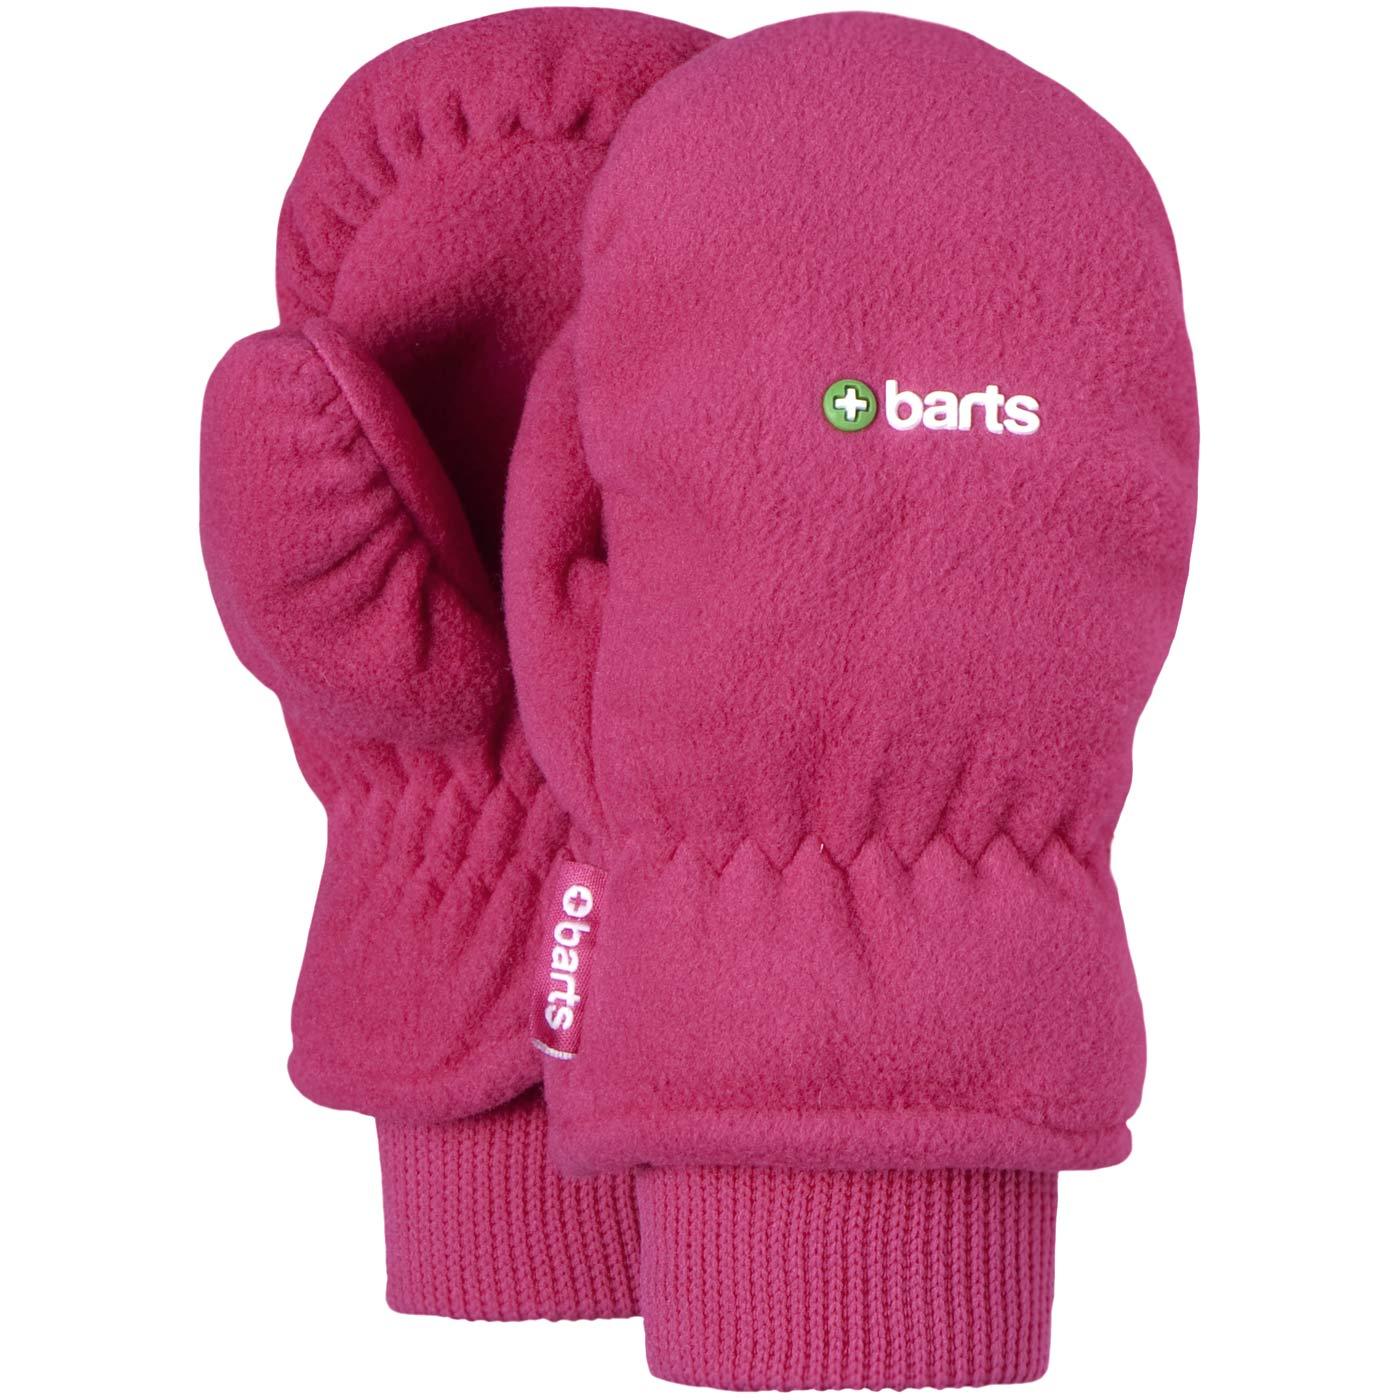 Barts Unisex Baby Handschuhe Tara